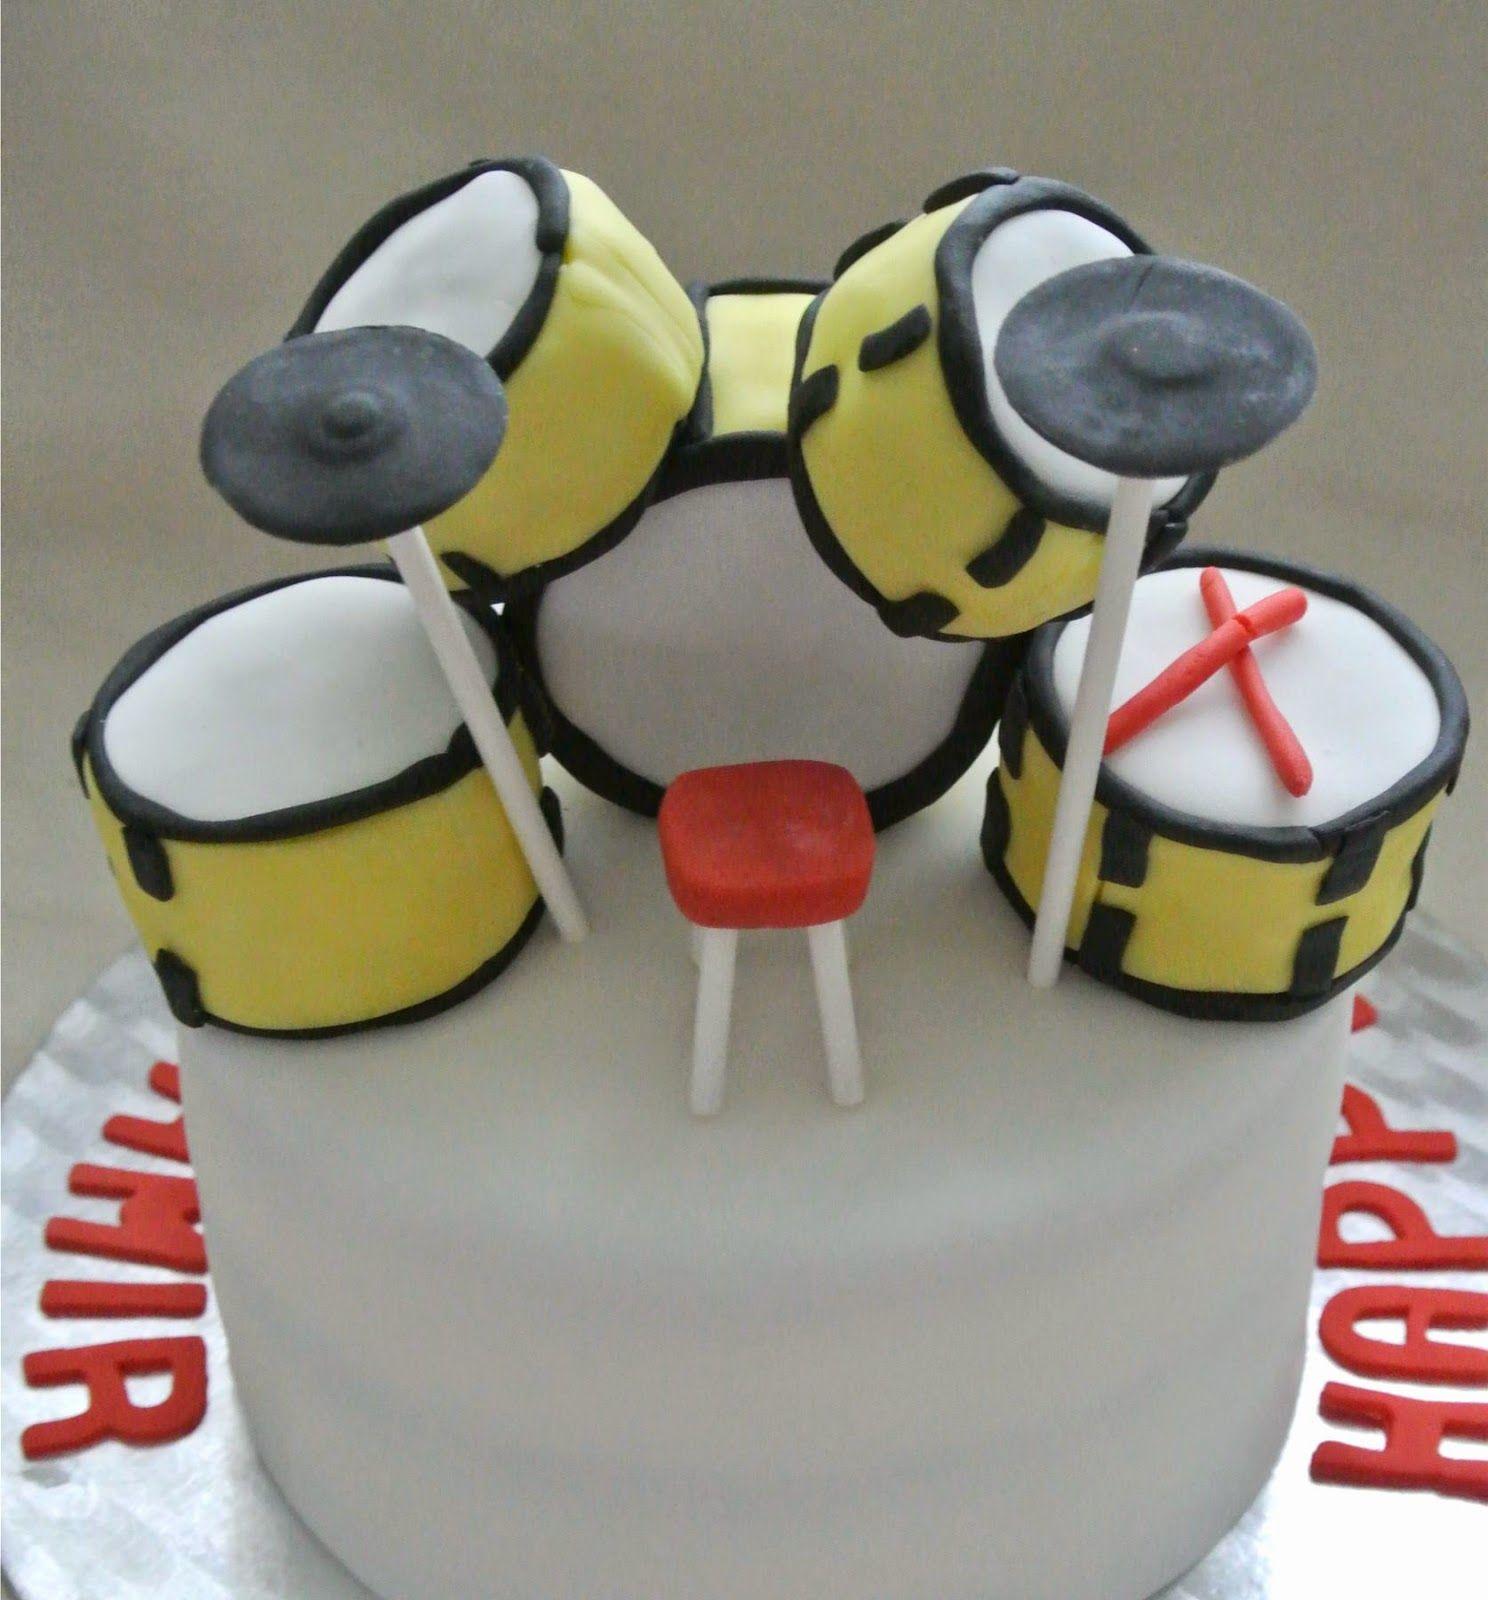 Torte mit Schlagzeug Erdbeertorte Cake with drums Schlagzeug Torte Torte für Musik